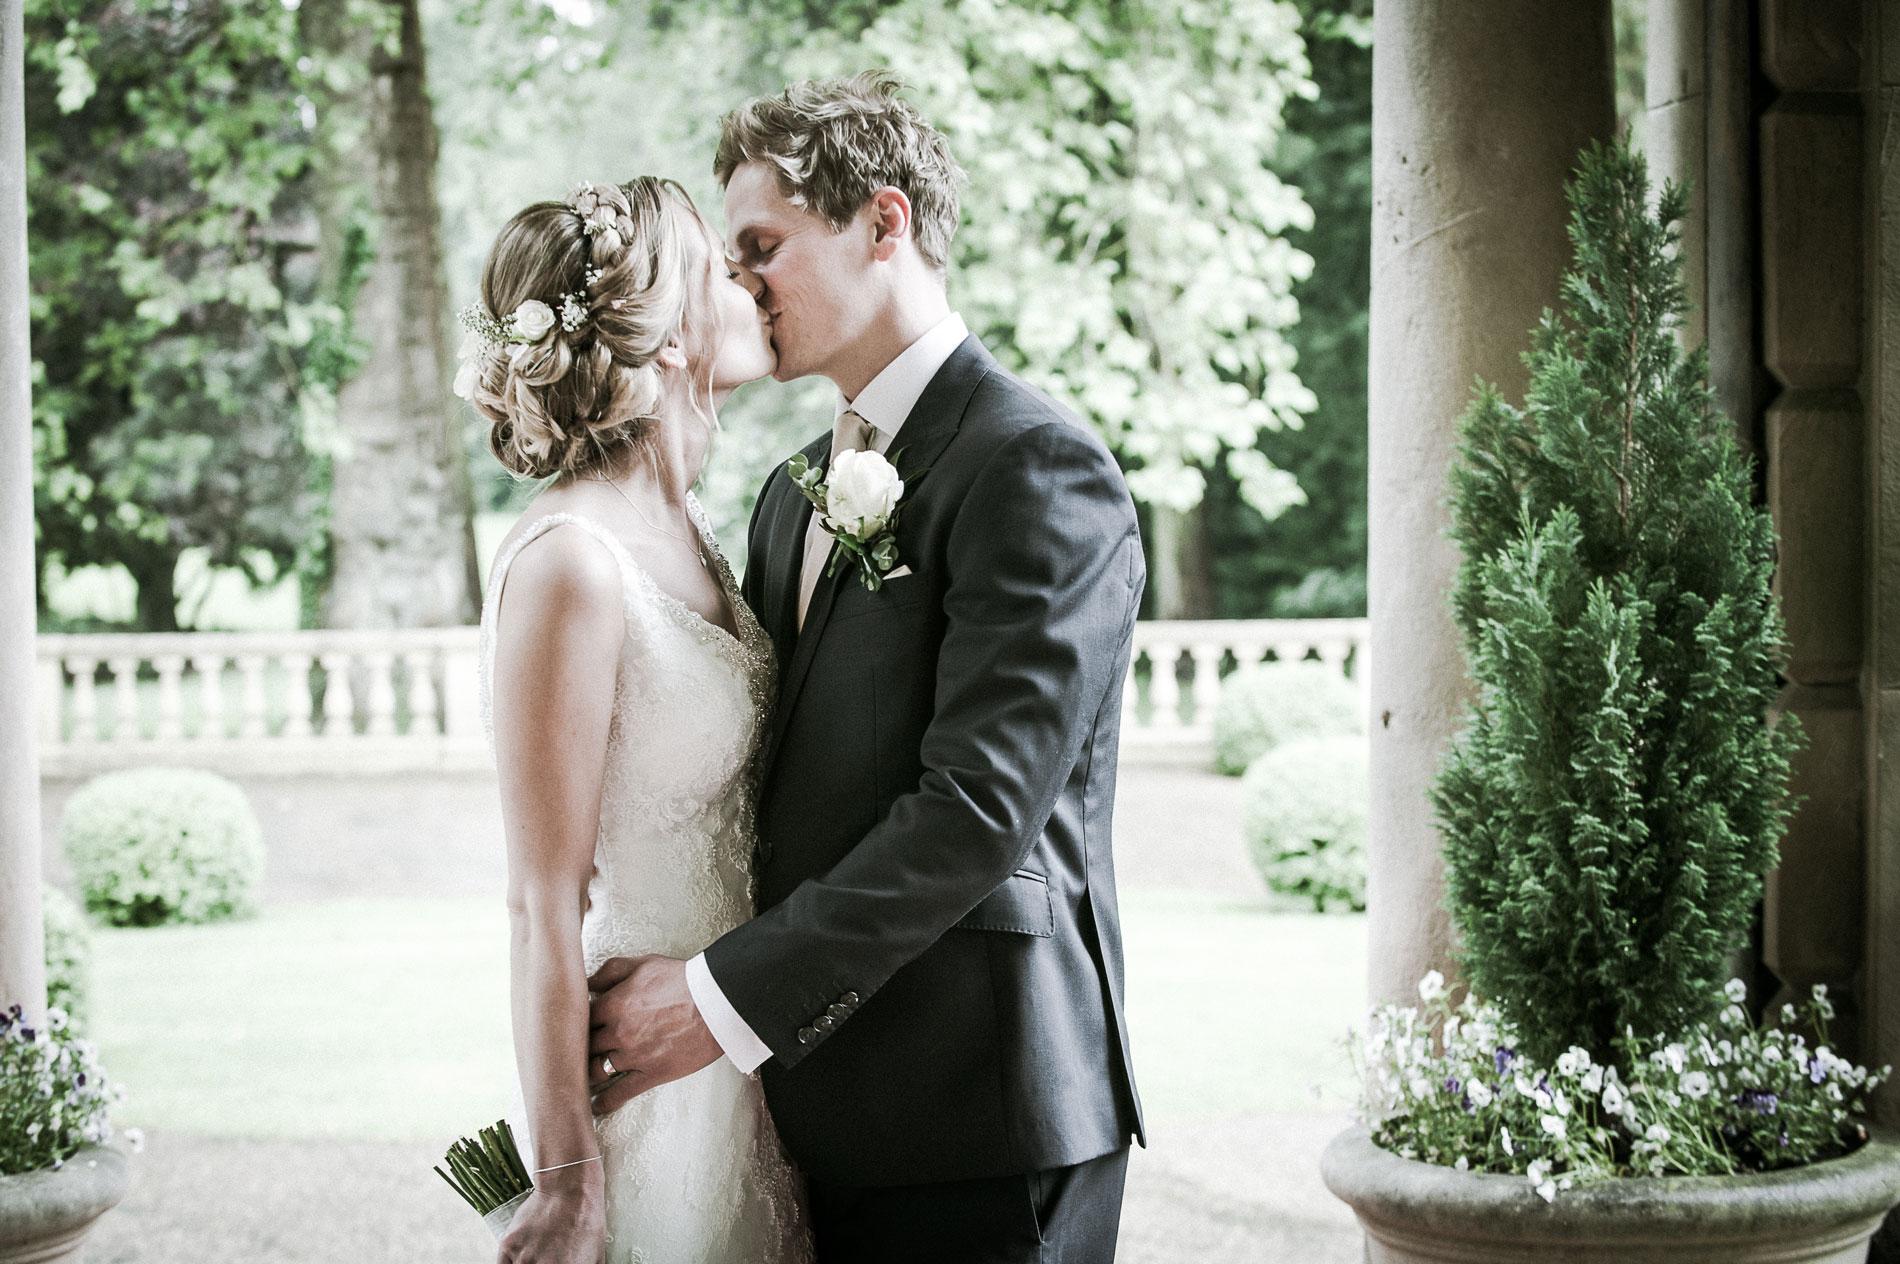 Kilworth-weddings-_42.jpg